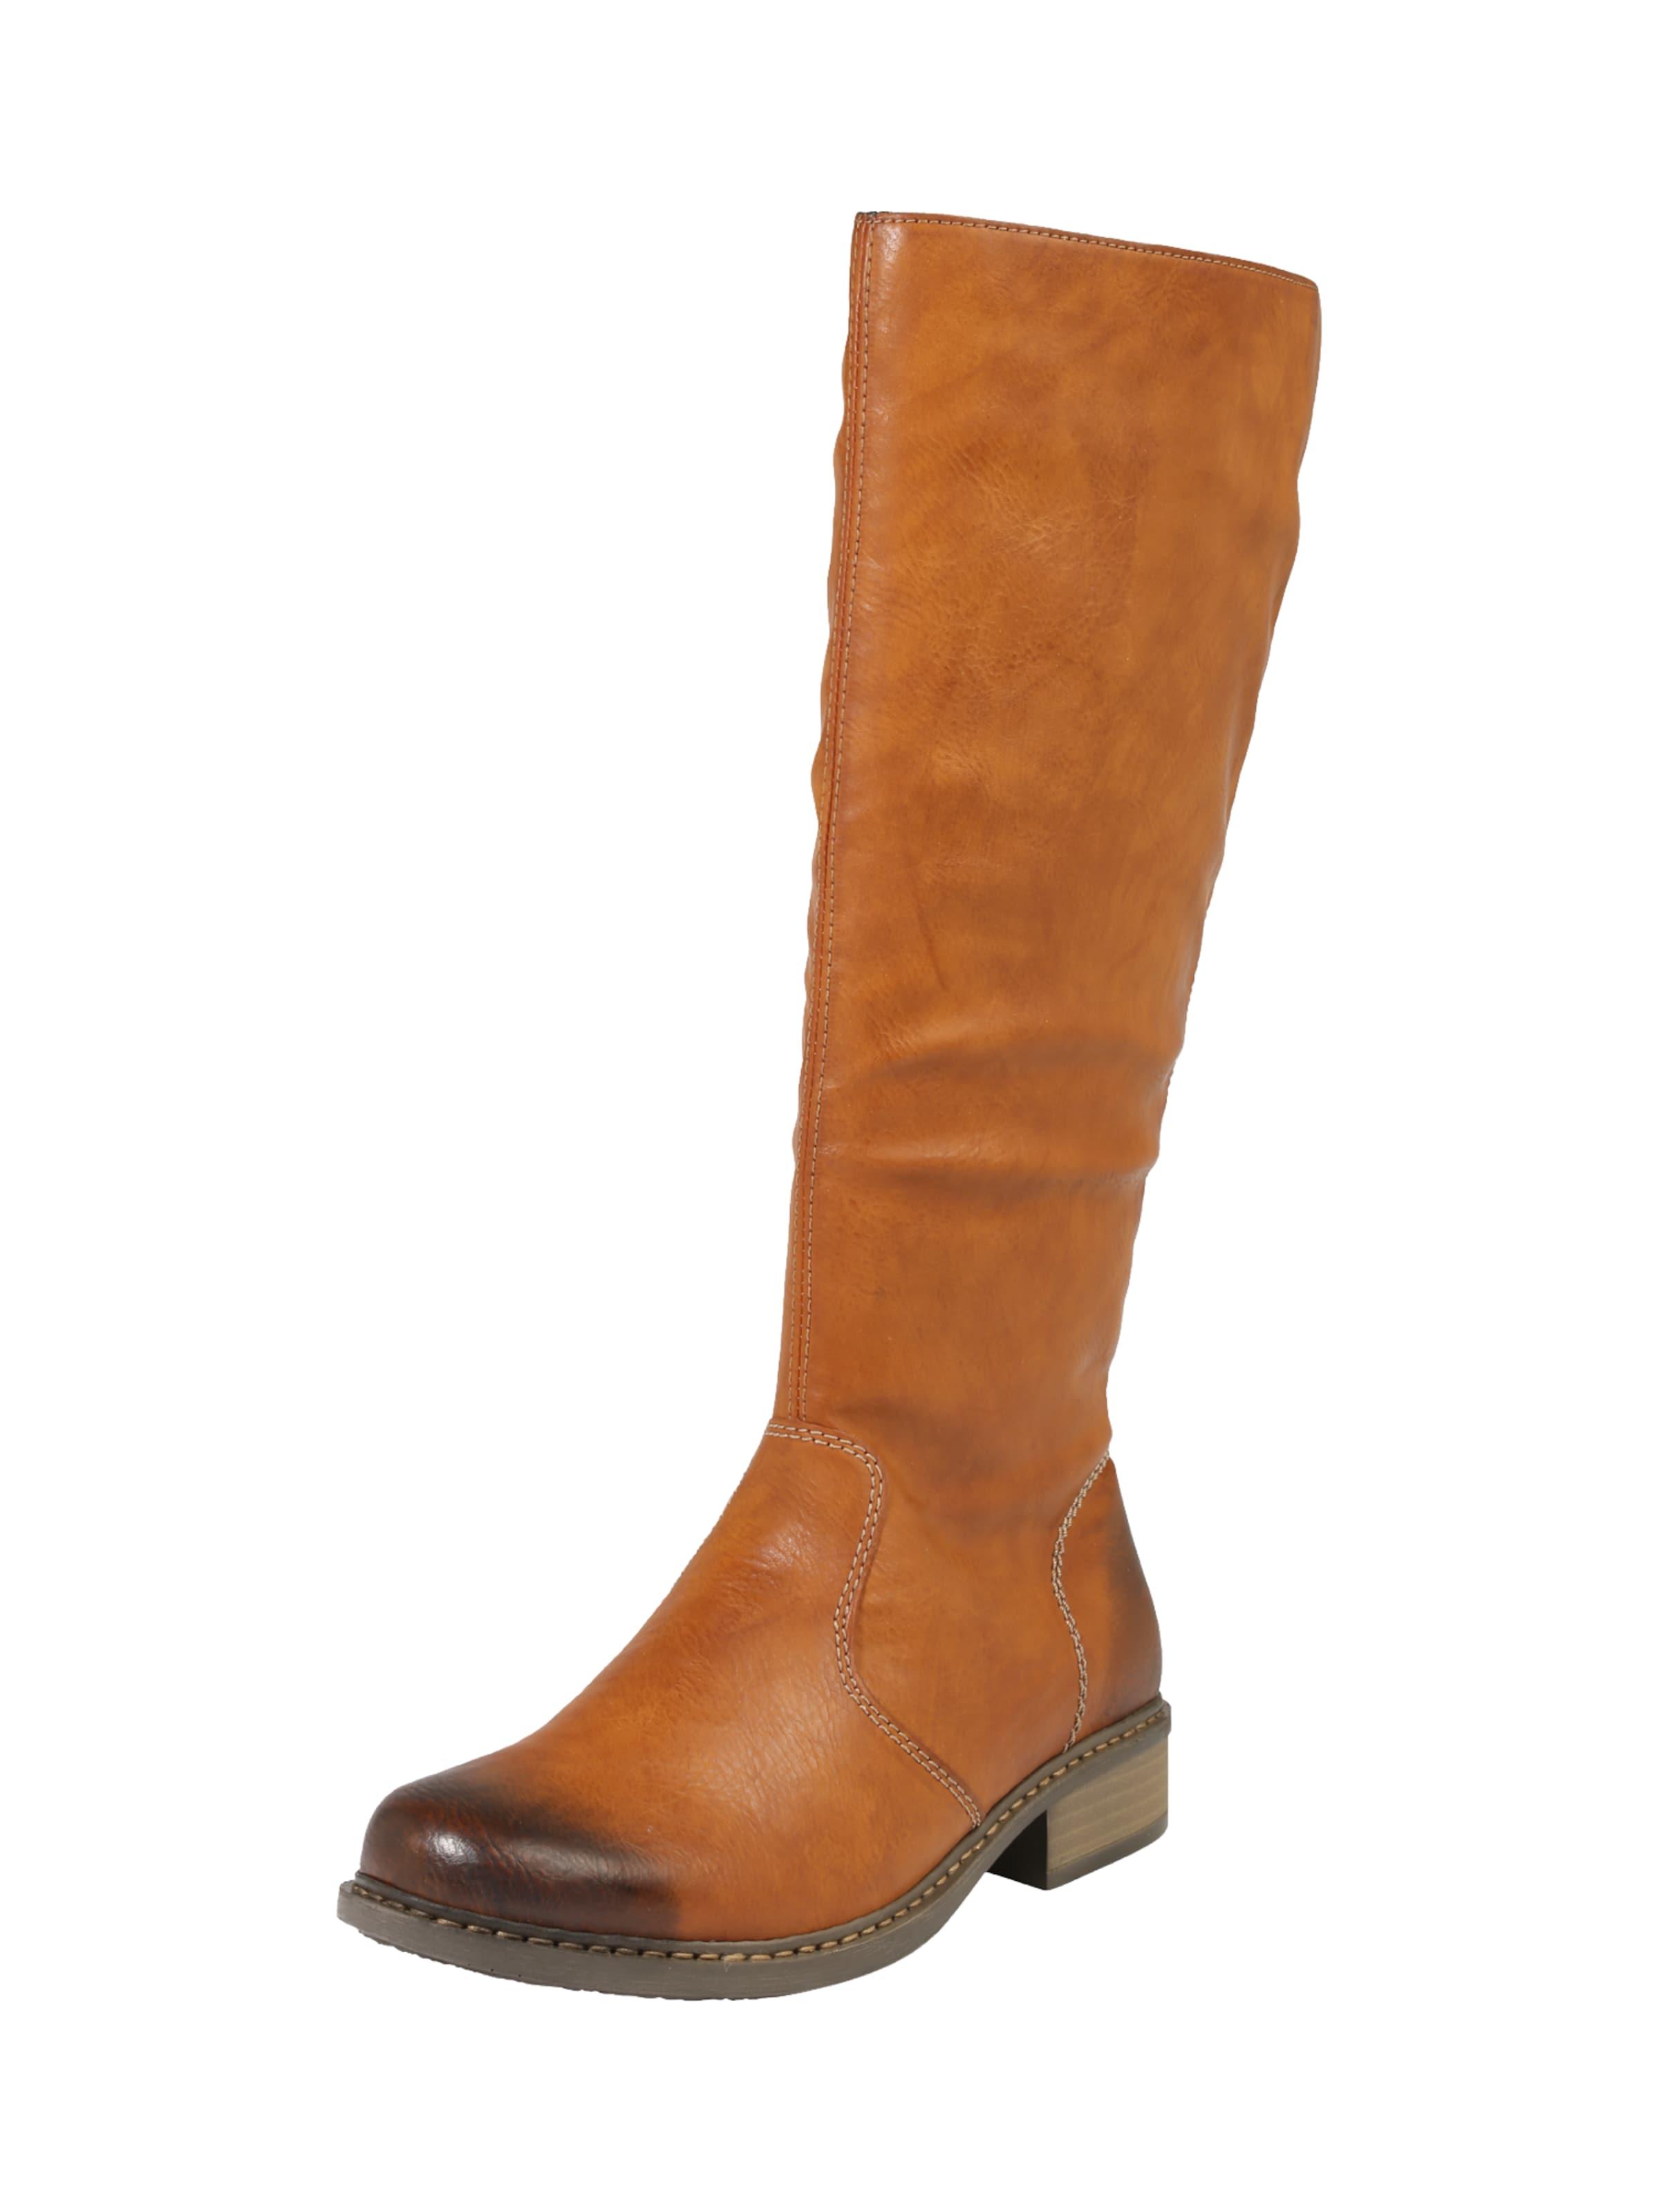 Haltbare Mode billige Schuhe RIEKER | Stiefel im Vintage-Look Schuhe Gut getragene Schuhe